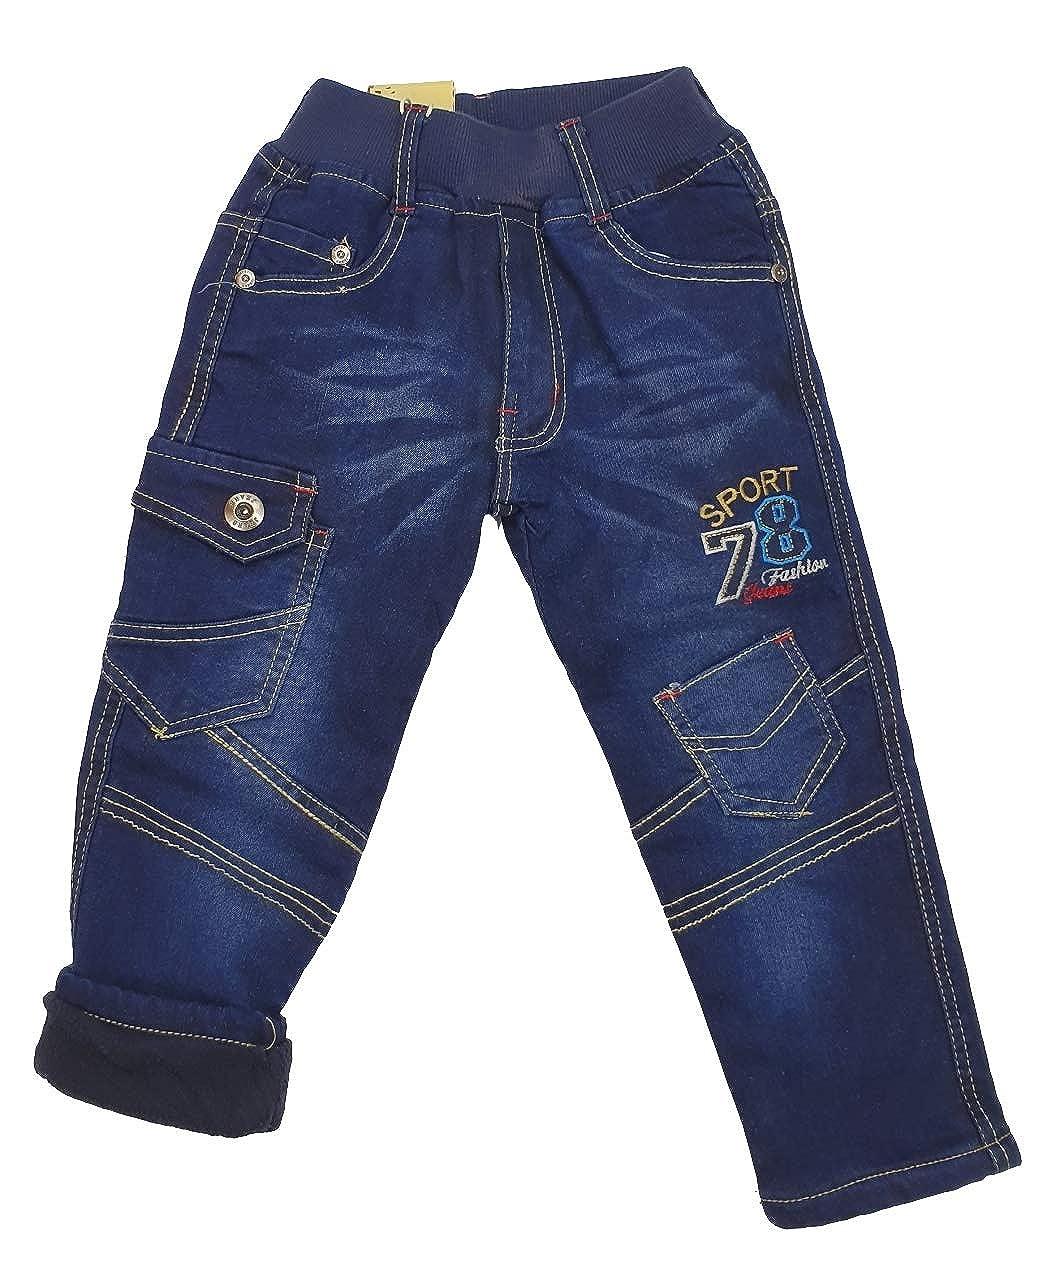 Fashion Boy warme Jungen Thermohose JTn80e gef/ütterte Winterhose Jeanshose